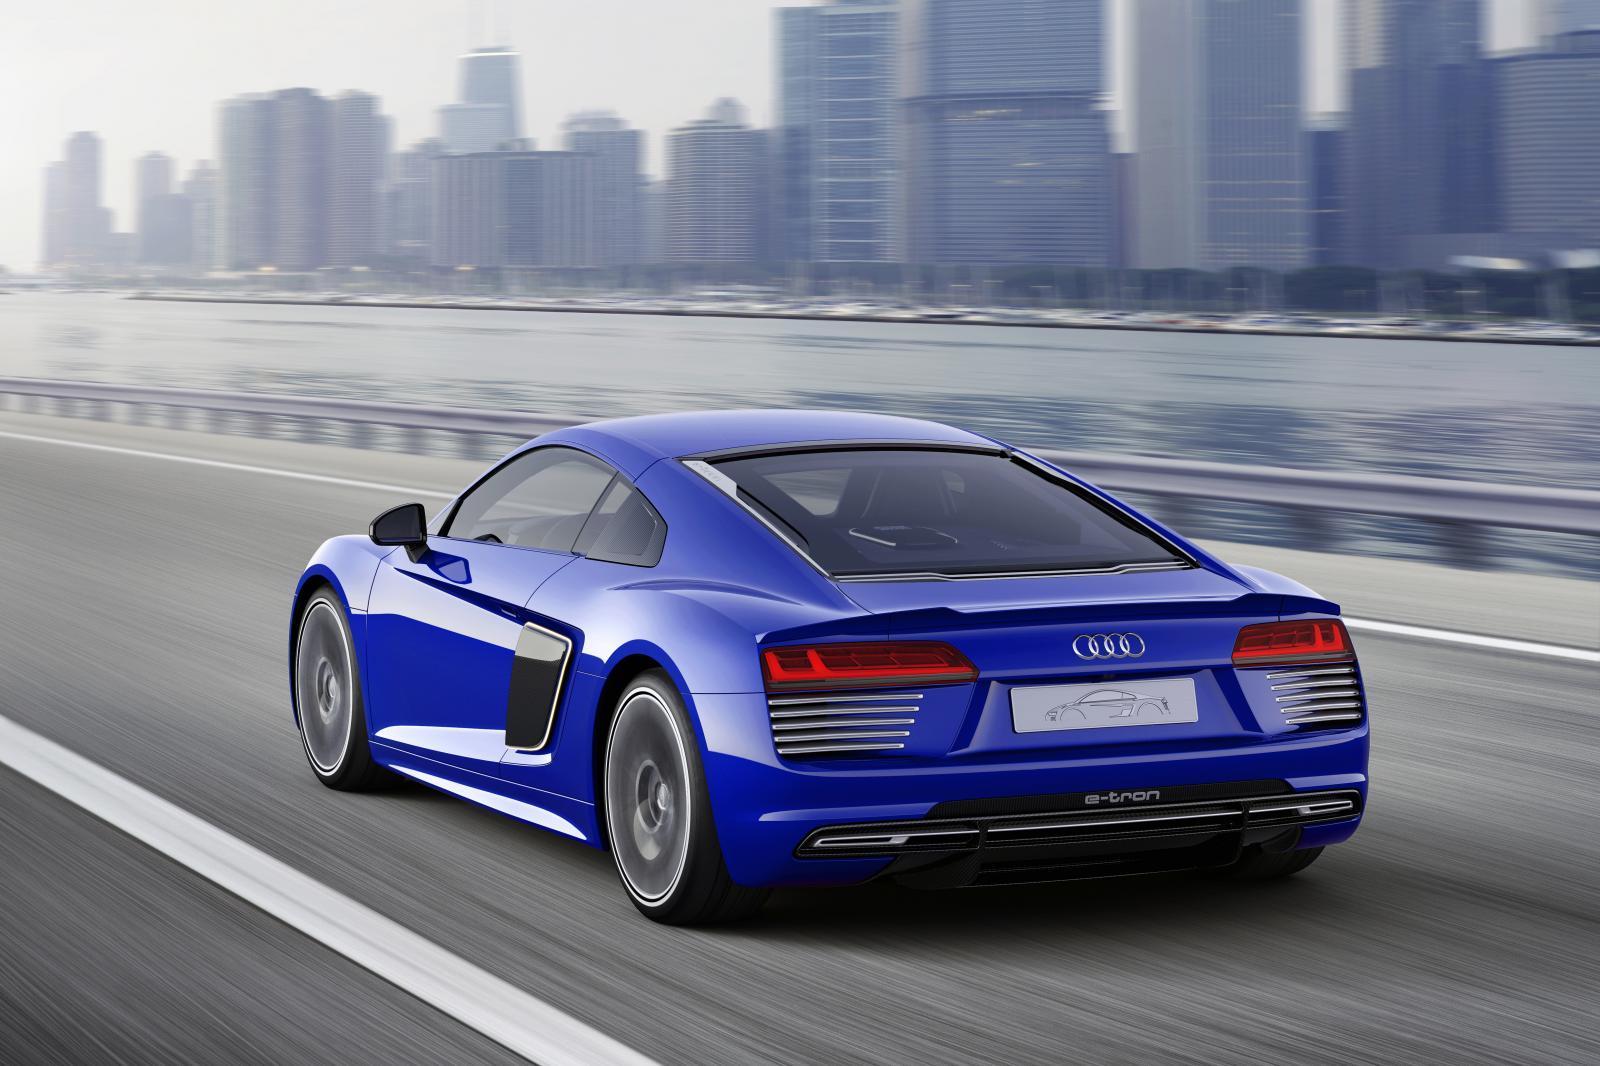 Official Audi R Etron Piloted Driving Concept GTspirit - Audi r8 e tron